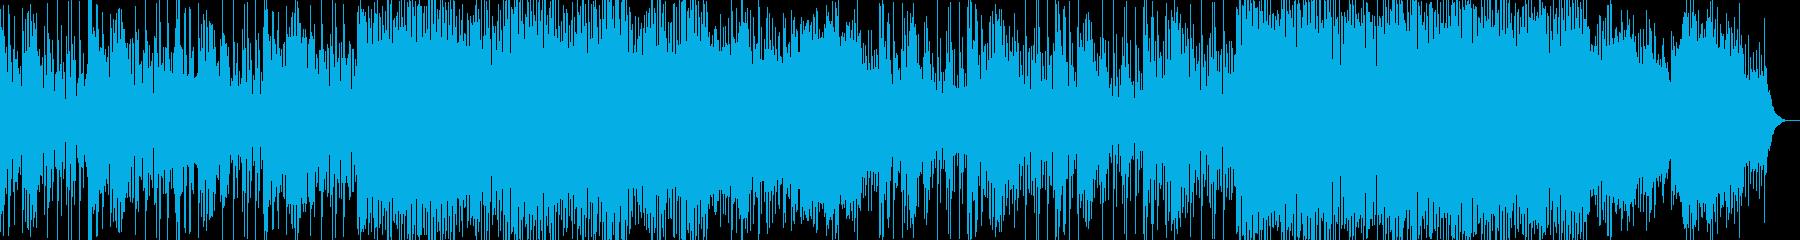 琴・オーケストラ・爽やか・穏やか・優しいの再生済みの波形